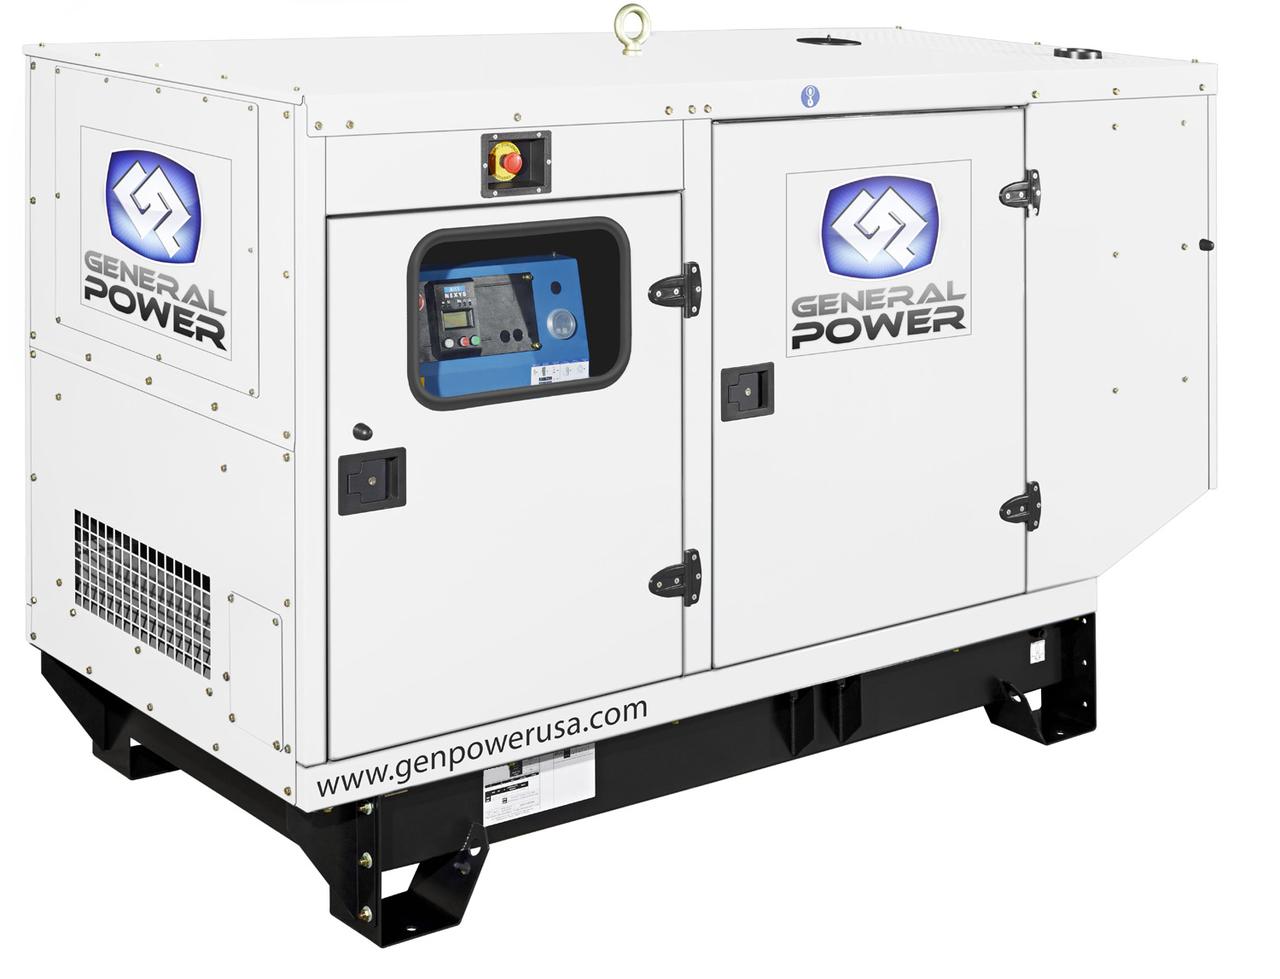 Cat 350 Kw Generator Wiring Diagram Libraries Diesel Simple Diagrams100 John Deere